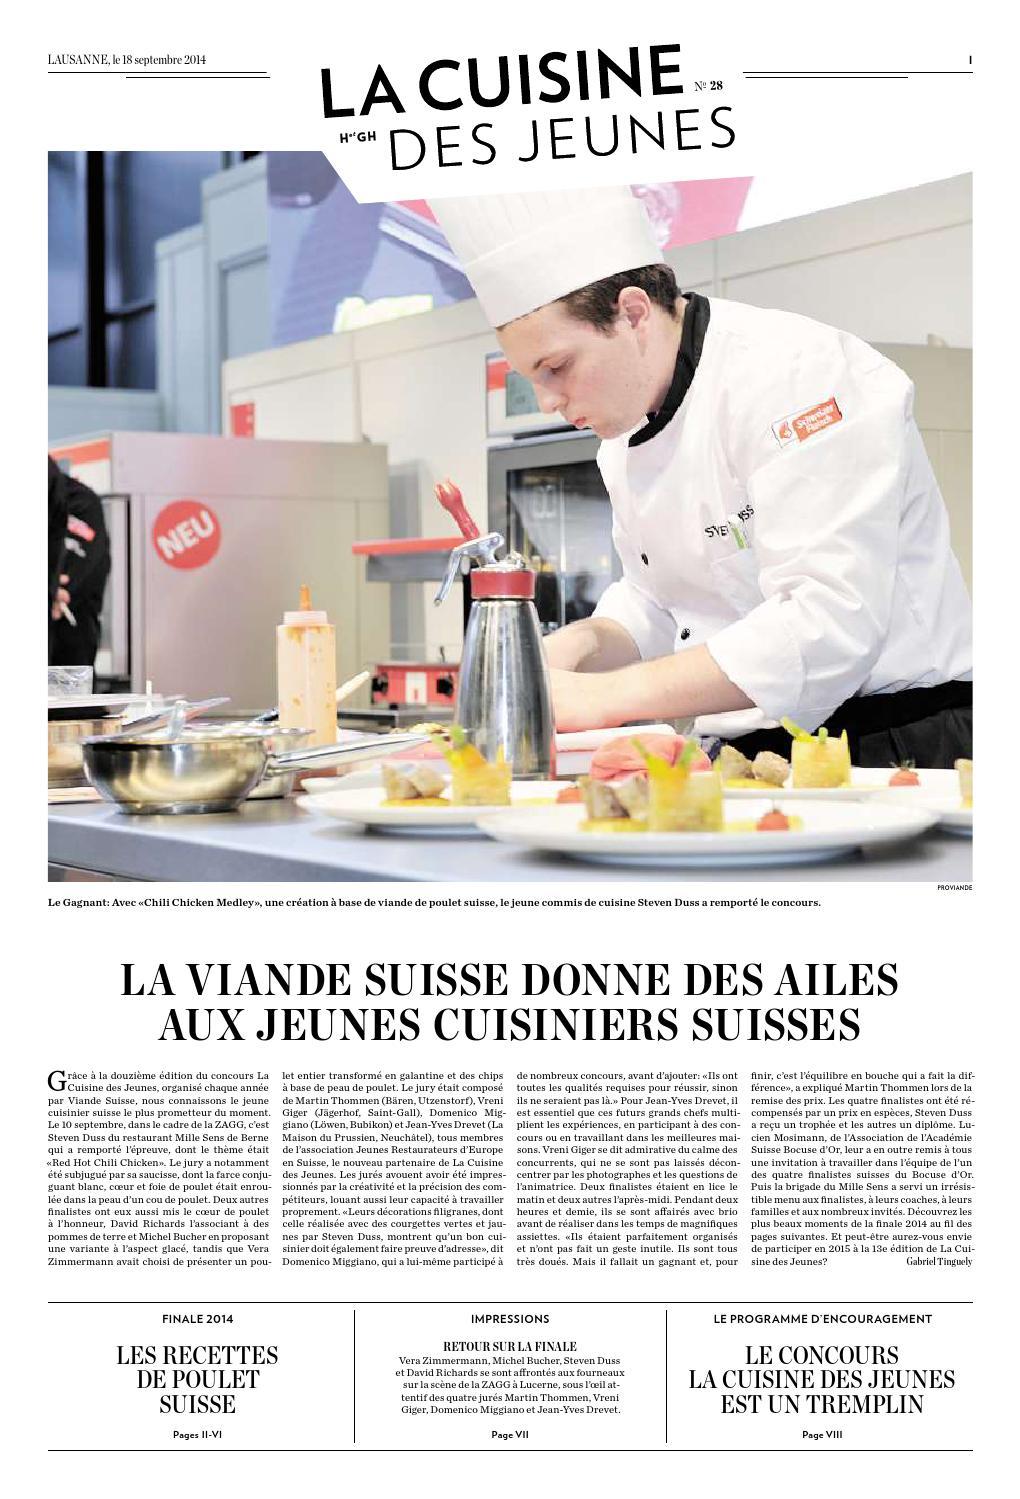 Cahier sp cial la cuisine des jeunes 2014 by hotellerie gastronomie verlag issuu - Commis de cuisine suisse ...